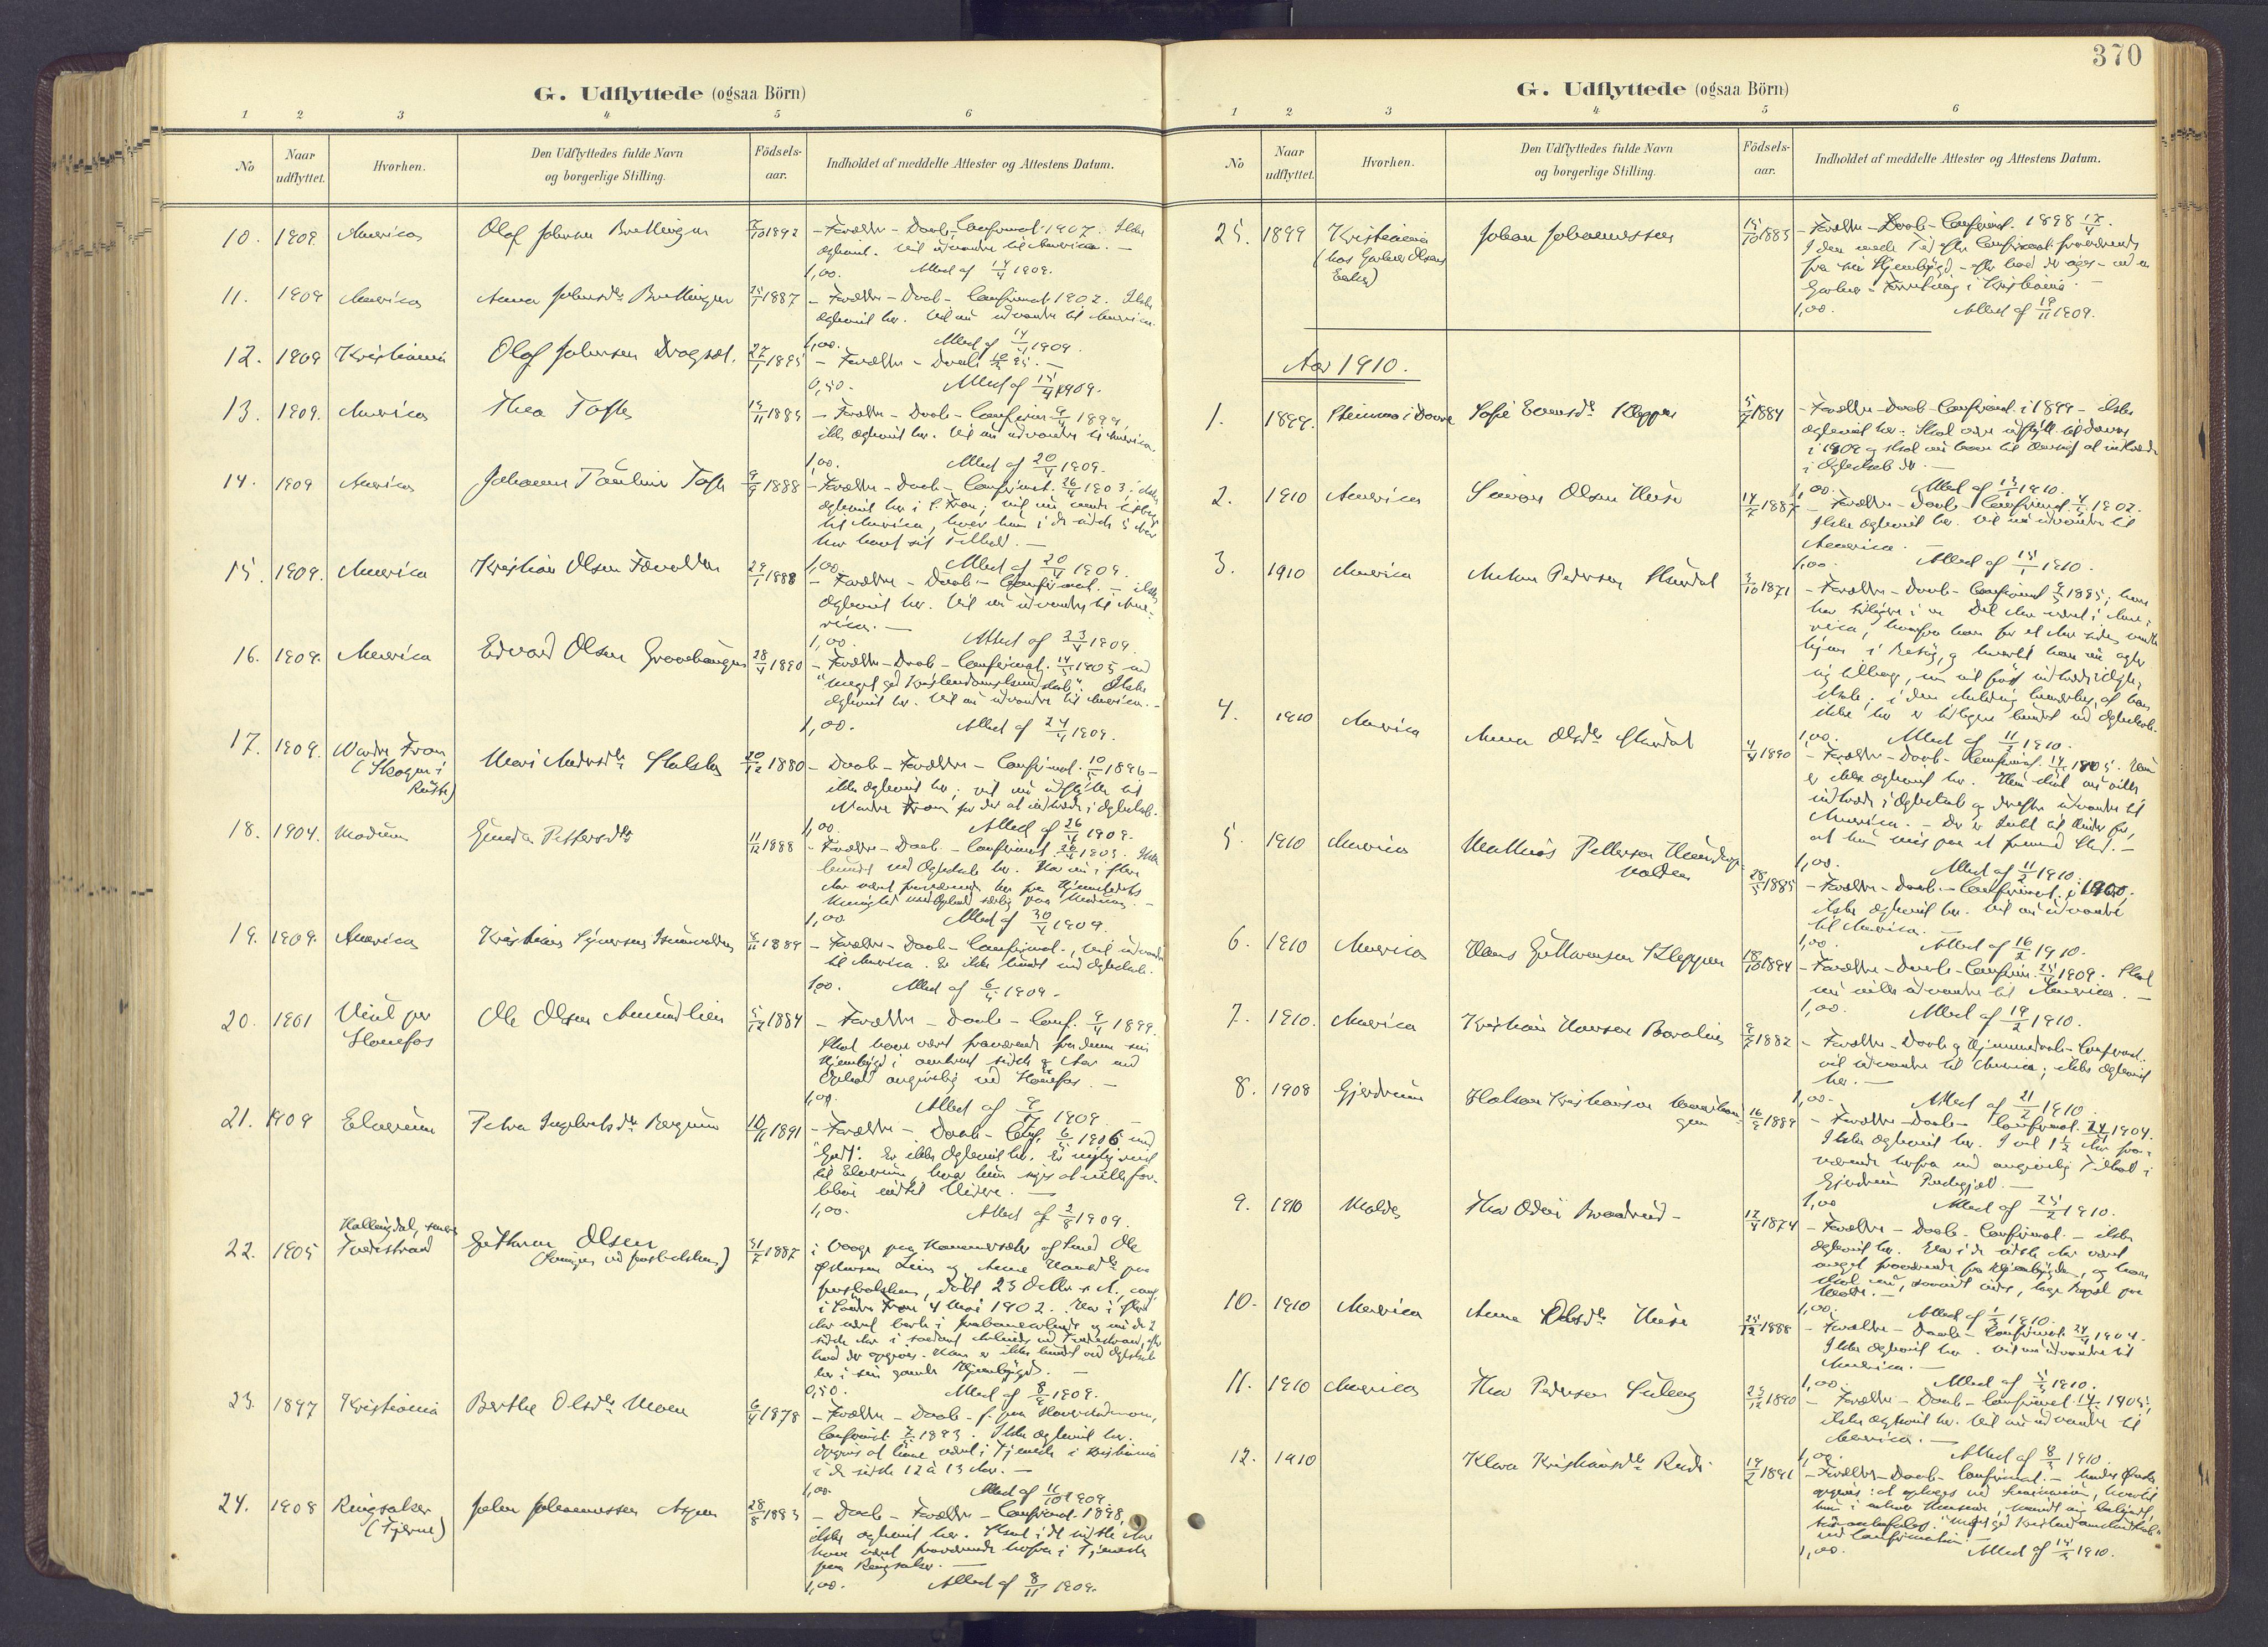 SAH, Sør-Fron prestekontor, H/Ha/Haa/L0004: Ministerialbok nr. 4, 1898-1919, s. 370